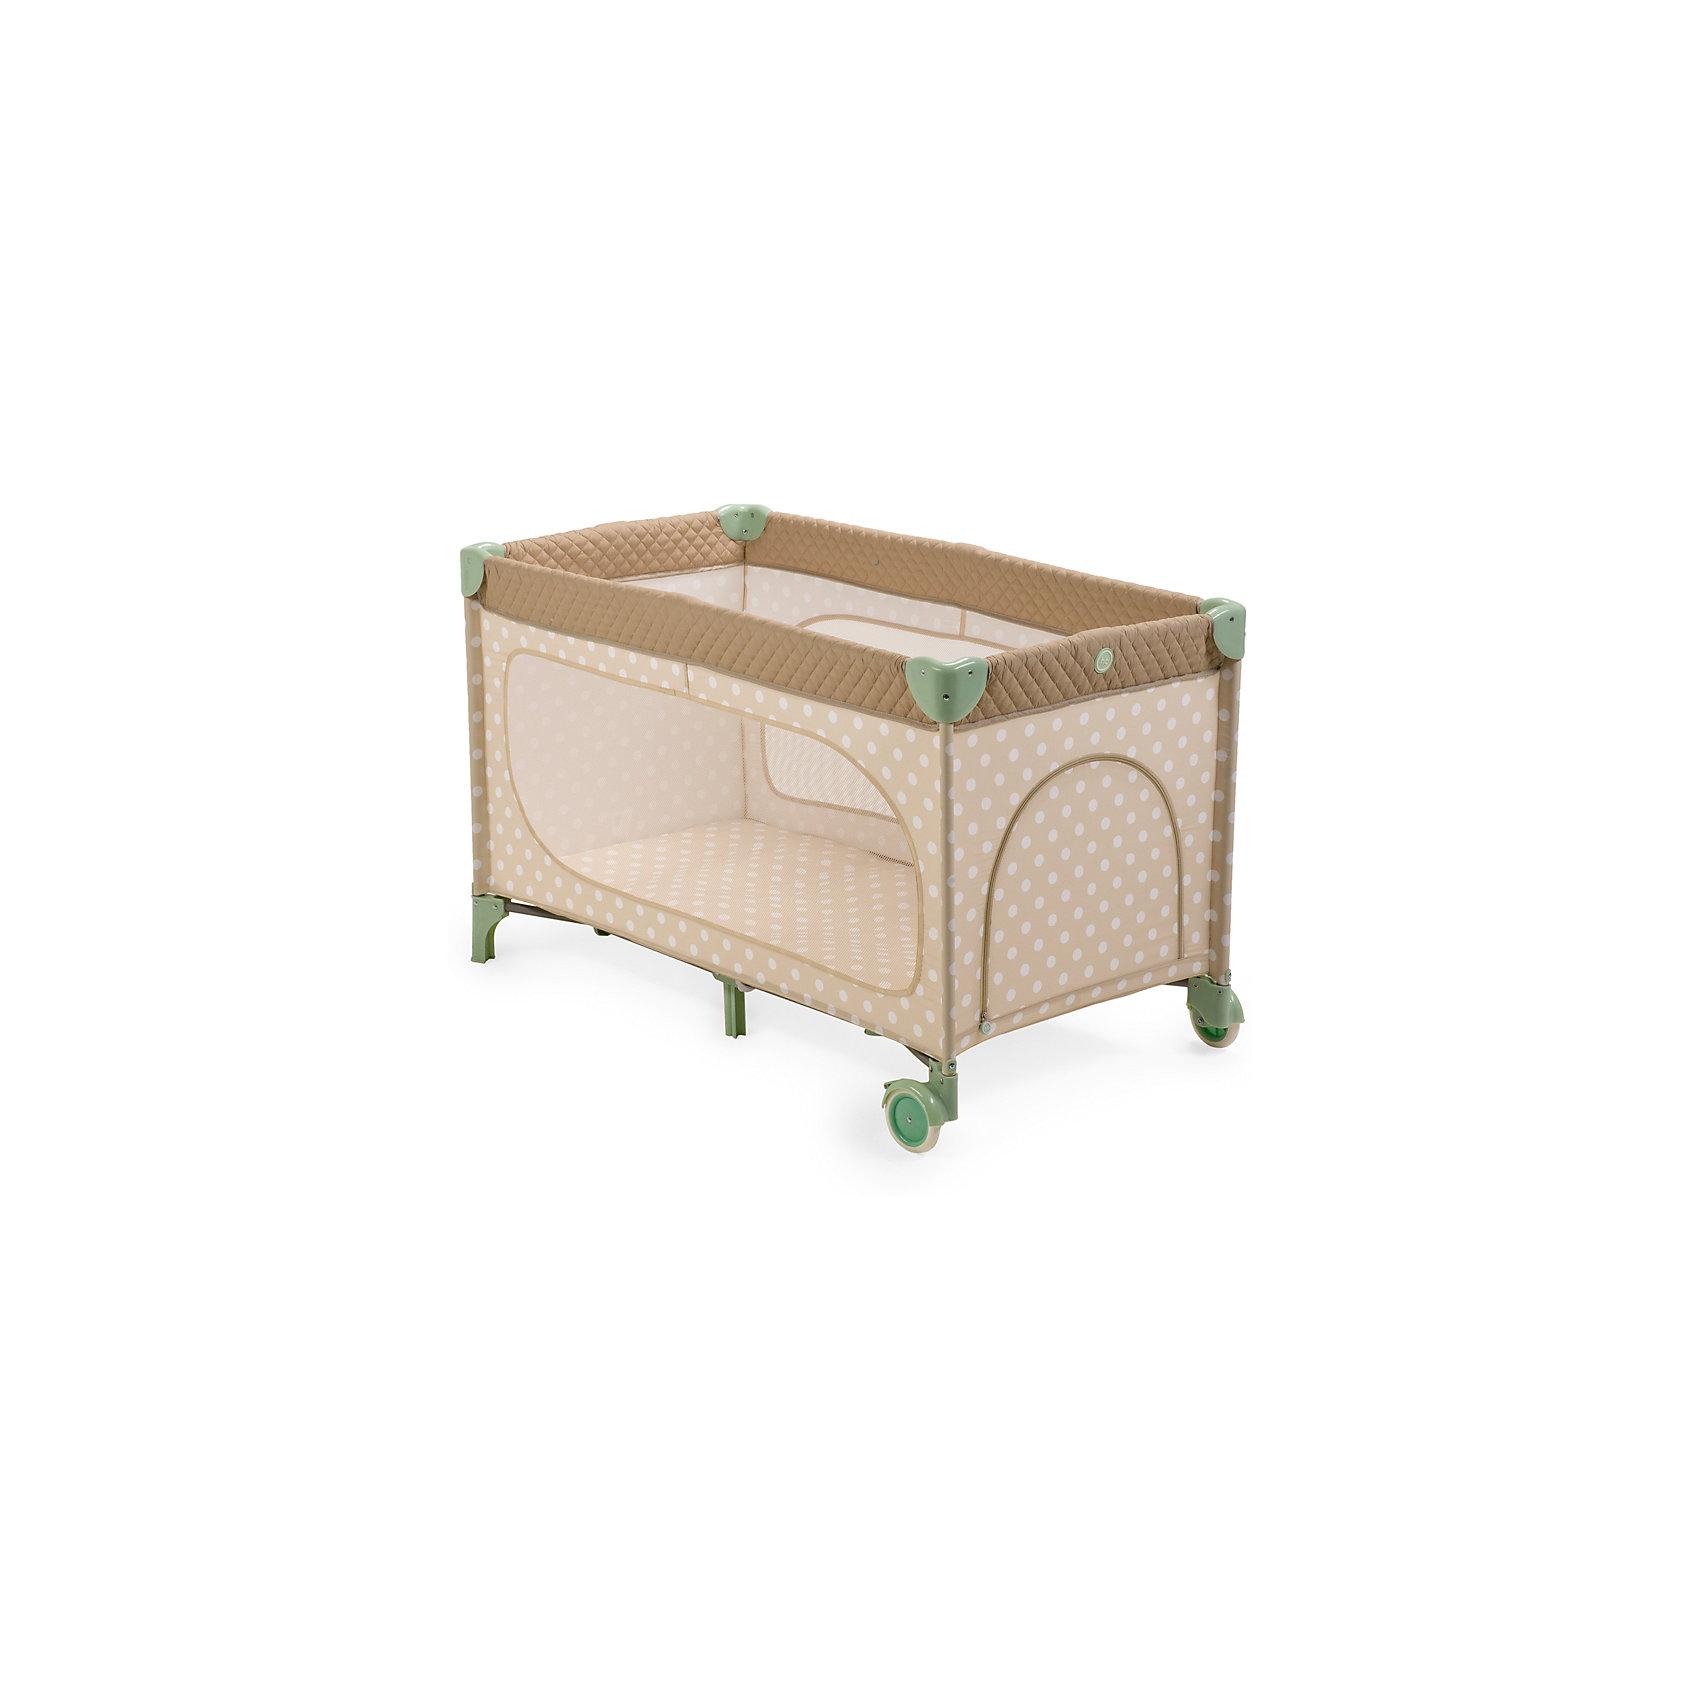 Манеж-кровать Martin, Happy Baby, бежевыйЭлегантный манеж, легко превращающийся в комфортабельную кроватку, выполнен из современных, легких материалов. Большие окна обеспечивают вентиляцию, прекрасное освещение и позволяют хорошо видеть малыша. Два колесика делают удобным перемещение манежа-кроватки по дому. Все углы и опасные для ребенка поверхности защищены специальными накладками.<br><br>В комплектацию входит съемный матрасик, дополнительный второй уровень, а для активных малышей имеется боковой лаз. Кроватка легко и компактно складывается.<br><br>Дополнительная информация:<br><br>Размеры в сложенном виде: 76 см Х 26 см Х 22 см<br>Размеры в разложенном виде: 128 см Х 76 см Х 70 см<br>Размер спального места: 120 см Х 60 см<br>Максимальный вес ребенка: до 15 кг<br><br>Кровать-манеж Martin, Happy Baby, бежевую можно купить в нашем магазине.<br><br>Ширина мм: 220<br>Глубина мм: 230<br>Высота мм: 780<br>Вес г: 12000<br>Возраст от месяцев: 0<br>Возраст до месяцев: 36<br>Пол: Унисекс<br>Возраст: Детский<br>SKU: 4146881